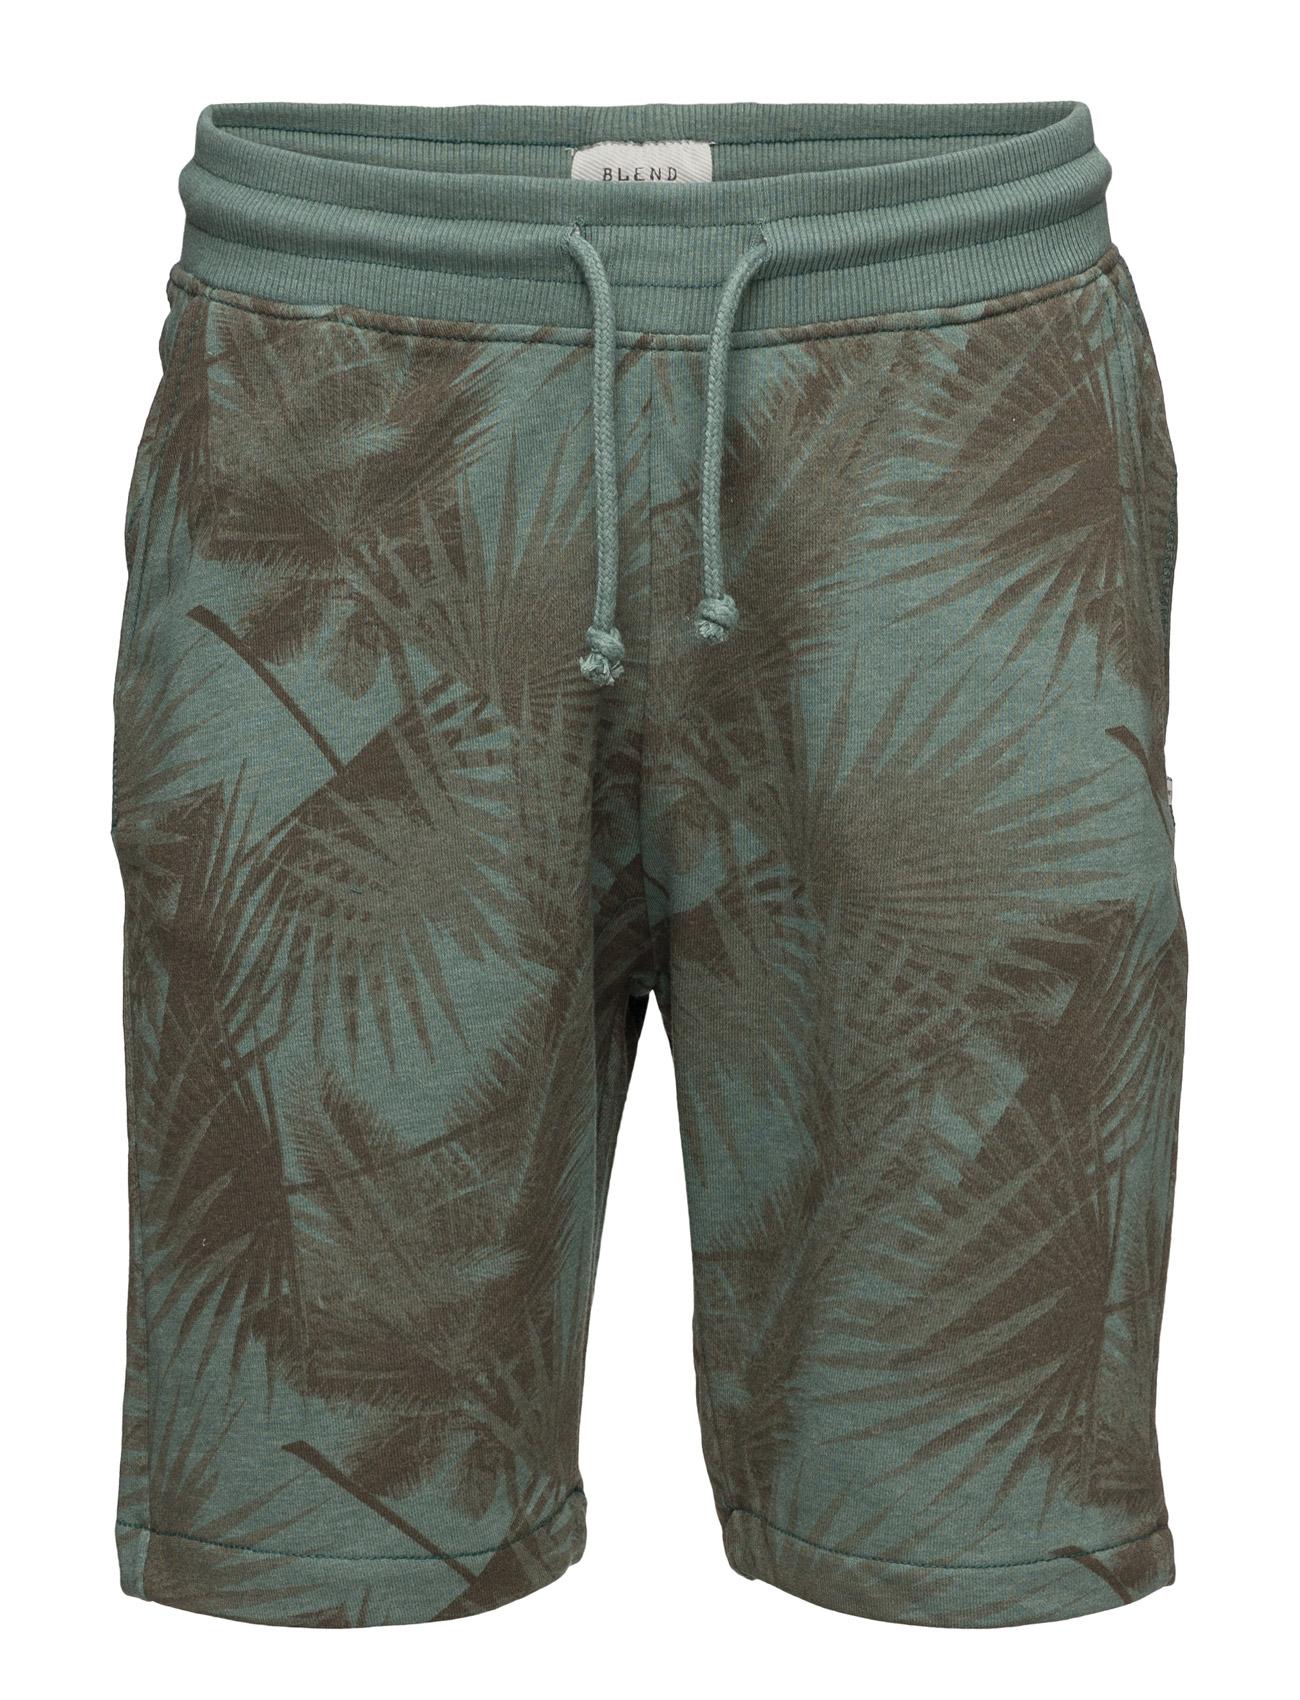 Fett Non Denim Shorts Blend Bermuda Shorts till Män för vardag och fest 80a57f4b7c6e8